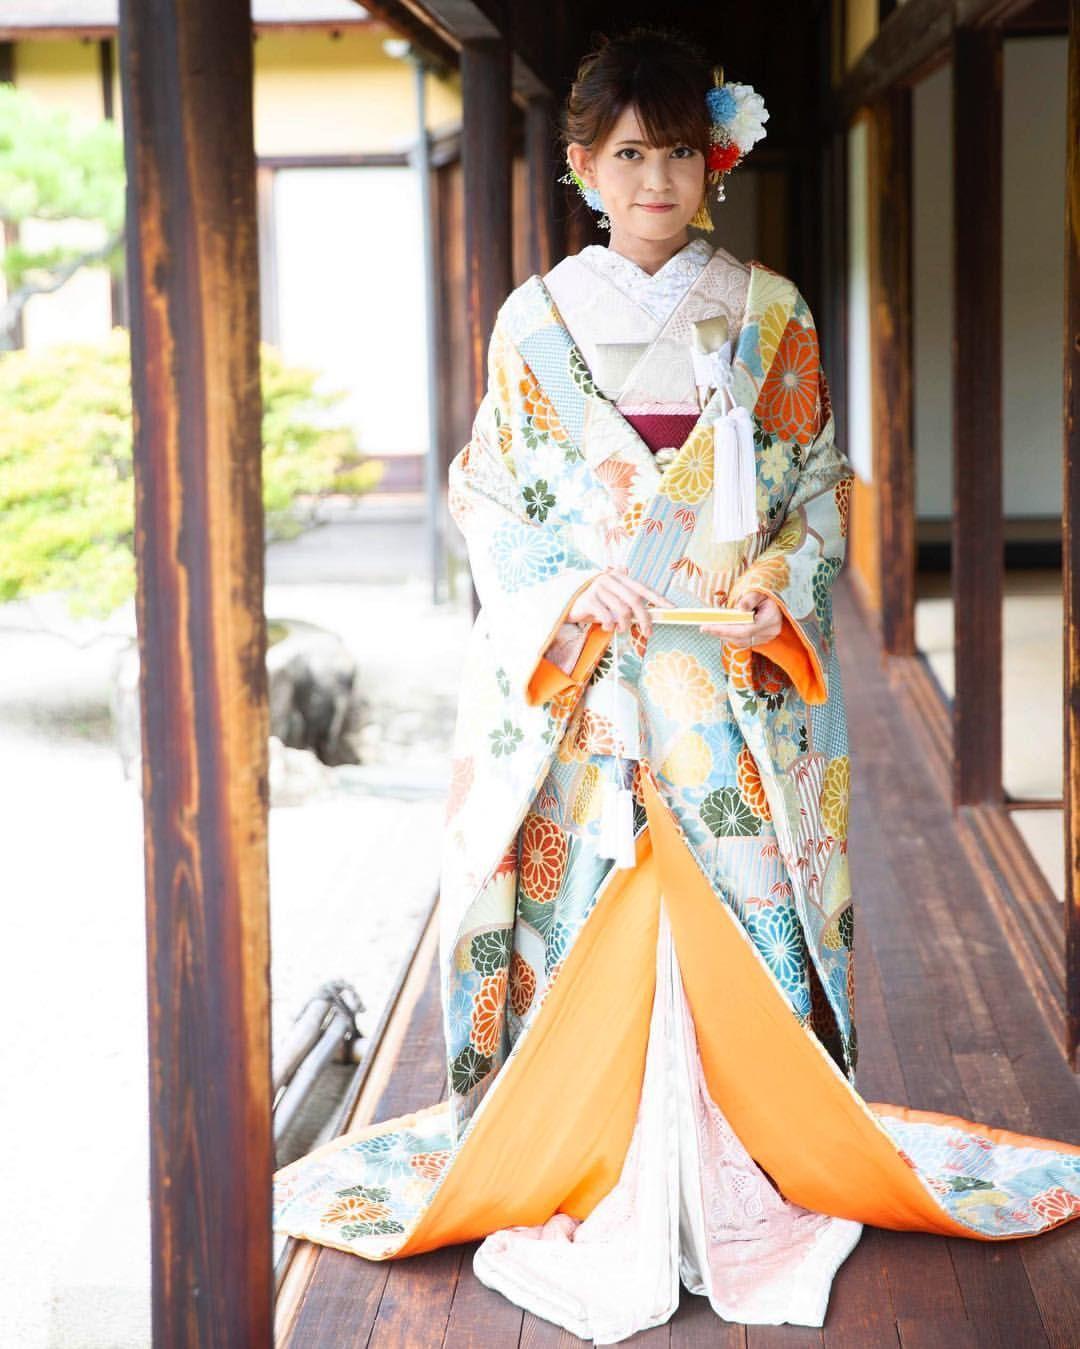 ウエディングボックスミツワ Mitsuwa さんはinstagramを利用してい